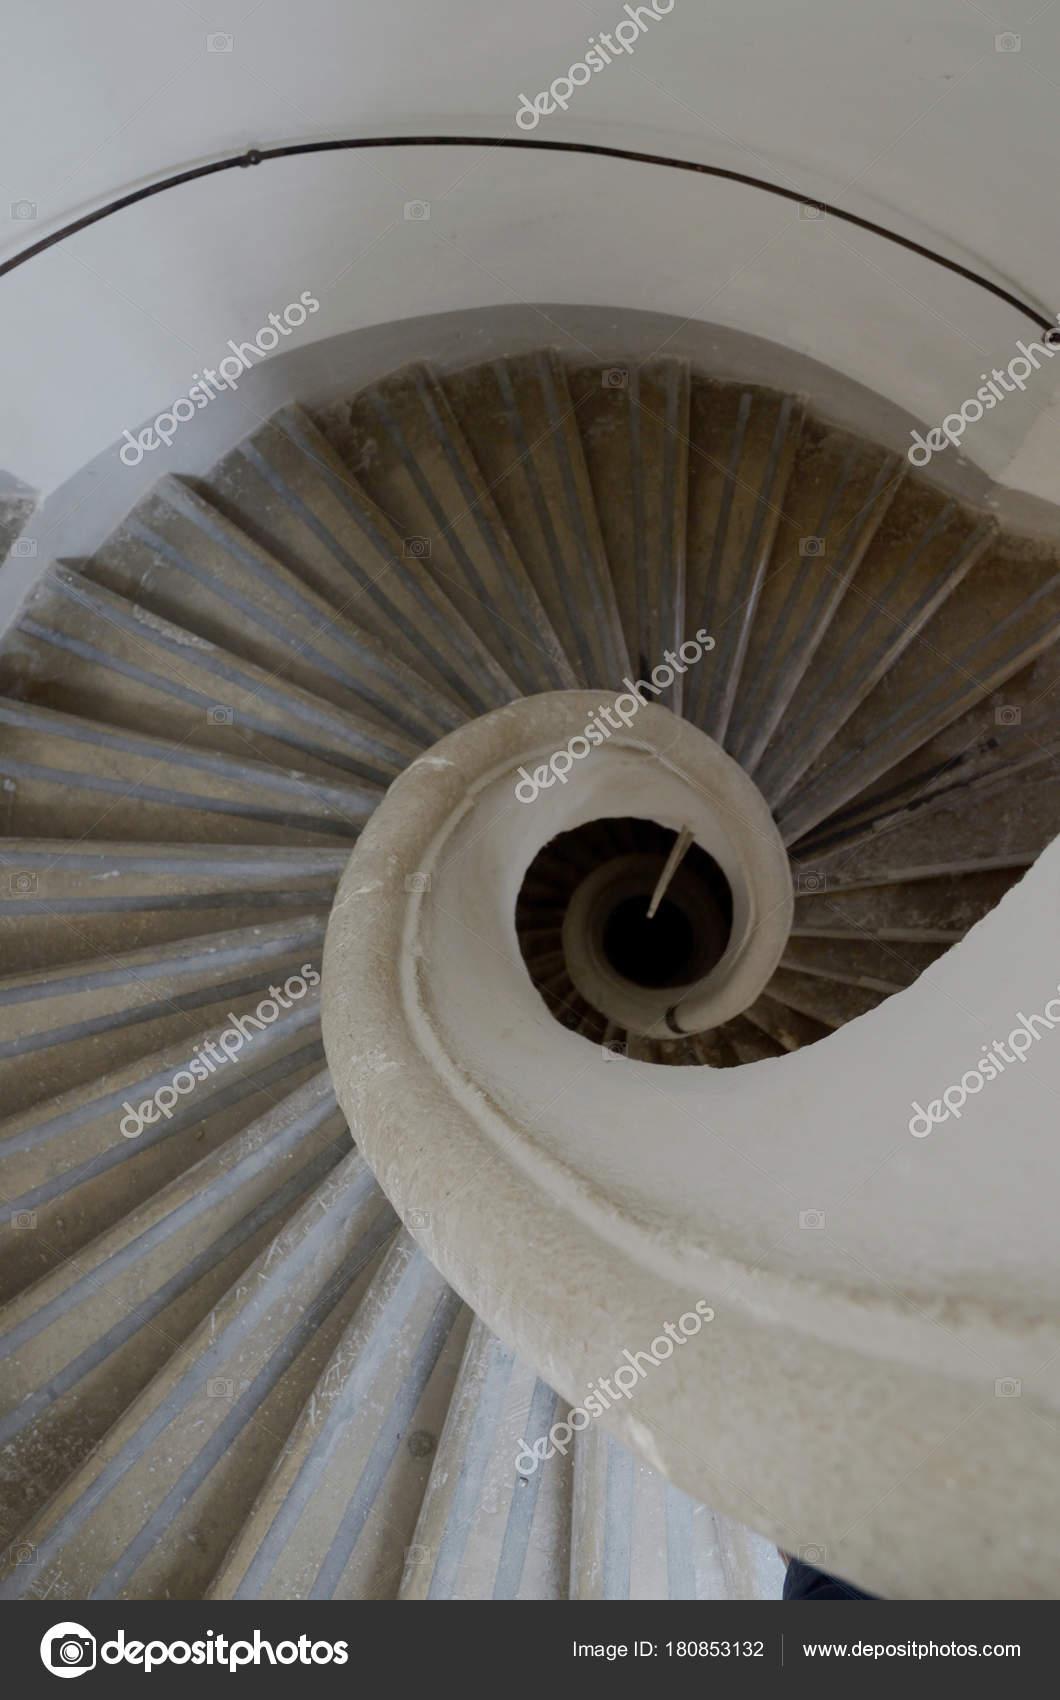 Imagenes Escaleras En Espiral Las Escaleras Espiral Arriba Abajo - Escaleras-en-espiral